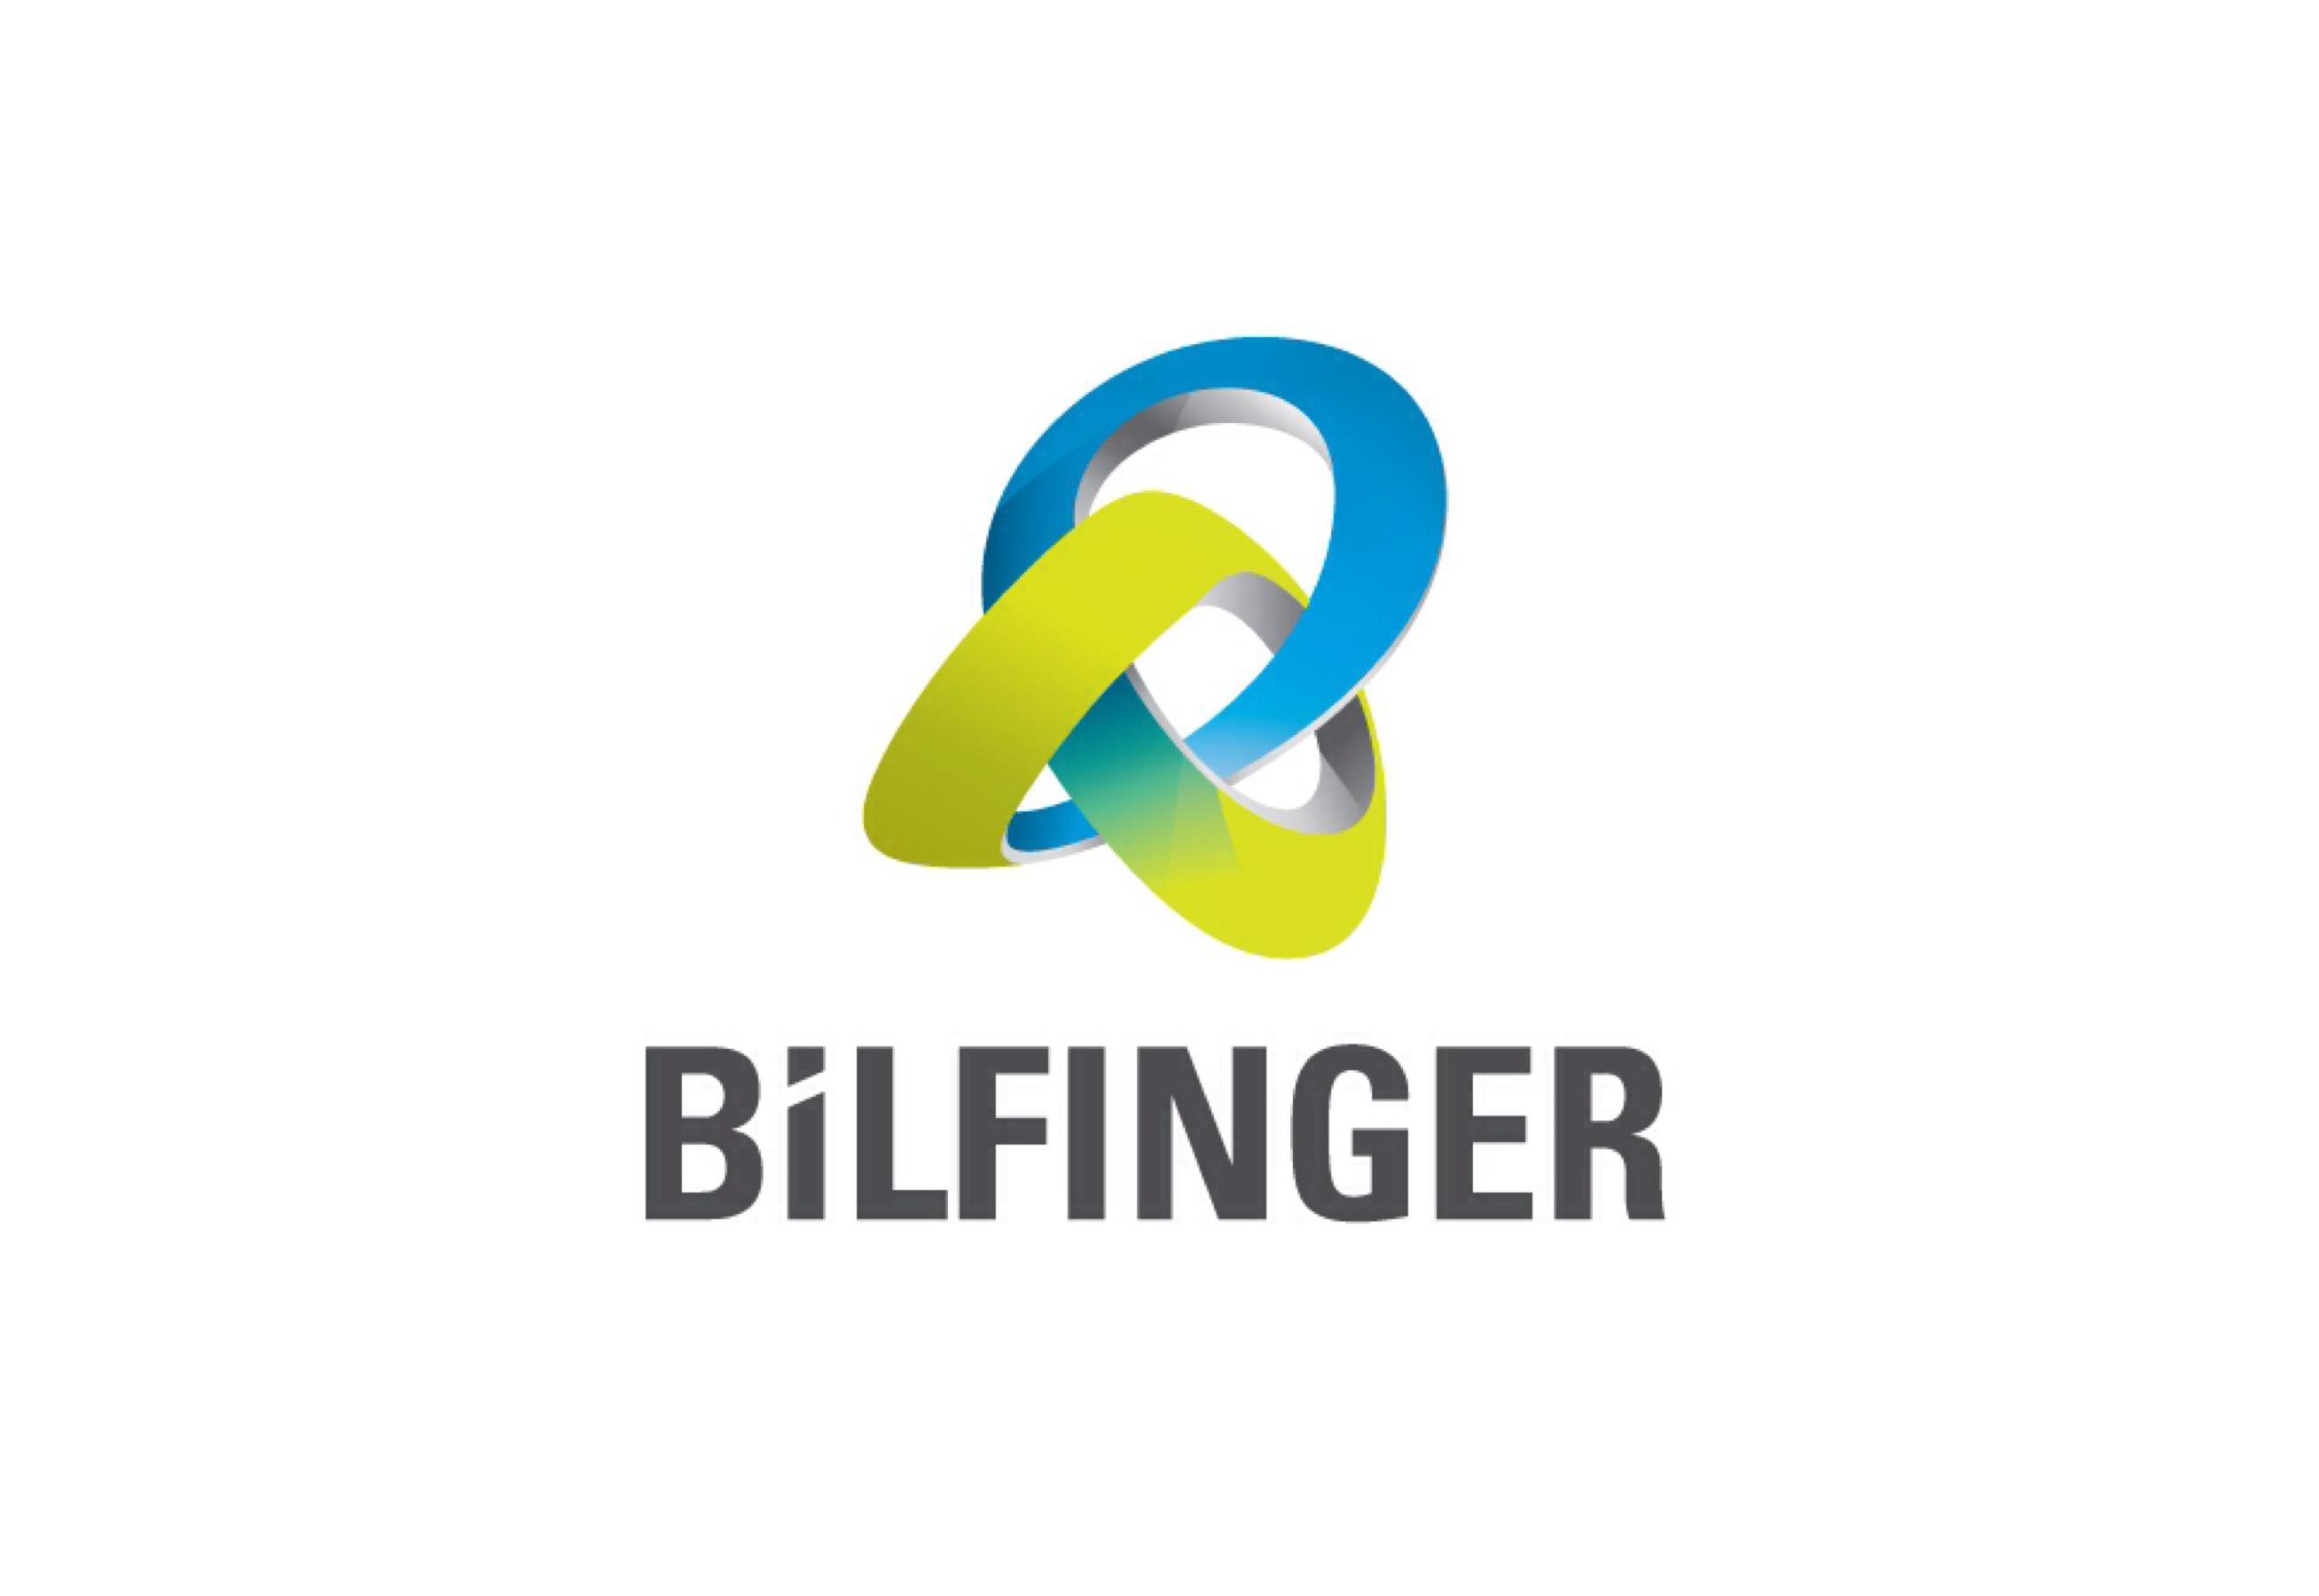 bilfinger logo - Bilfinger Logo Vector PNG